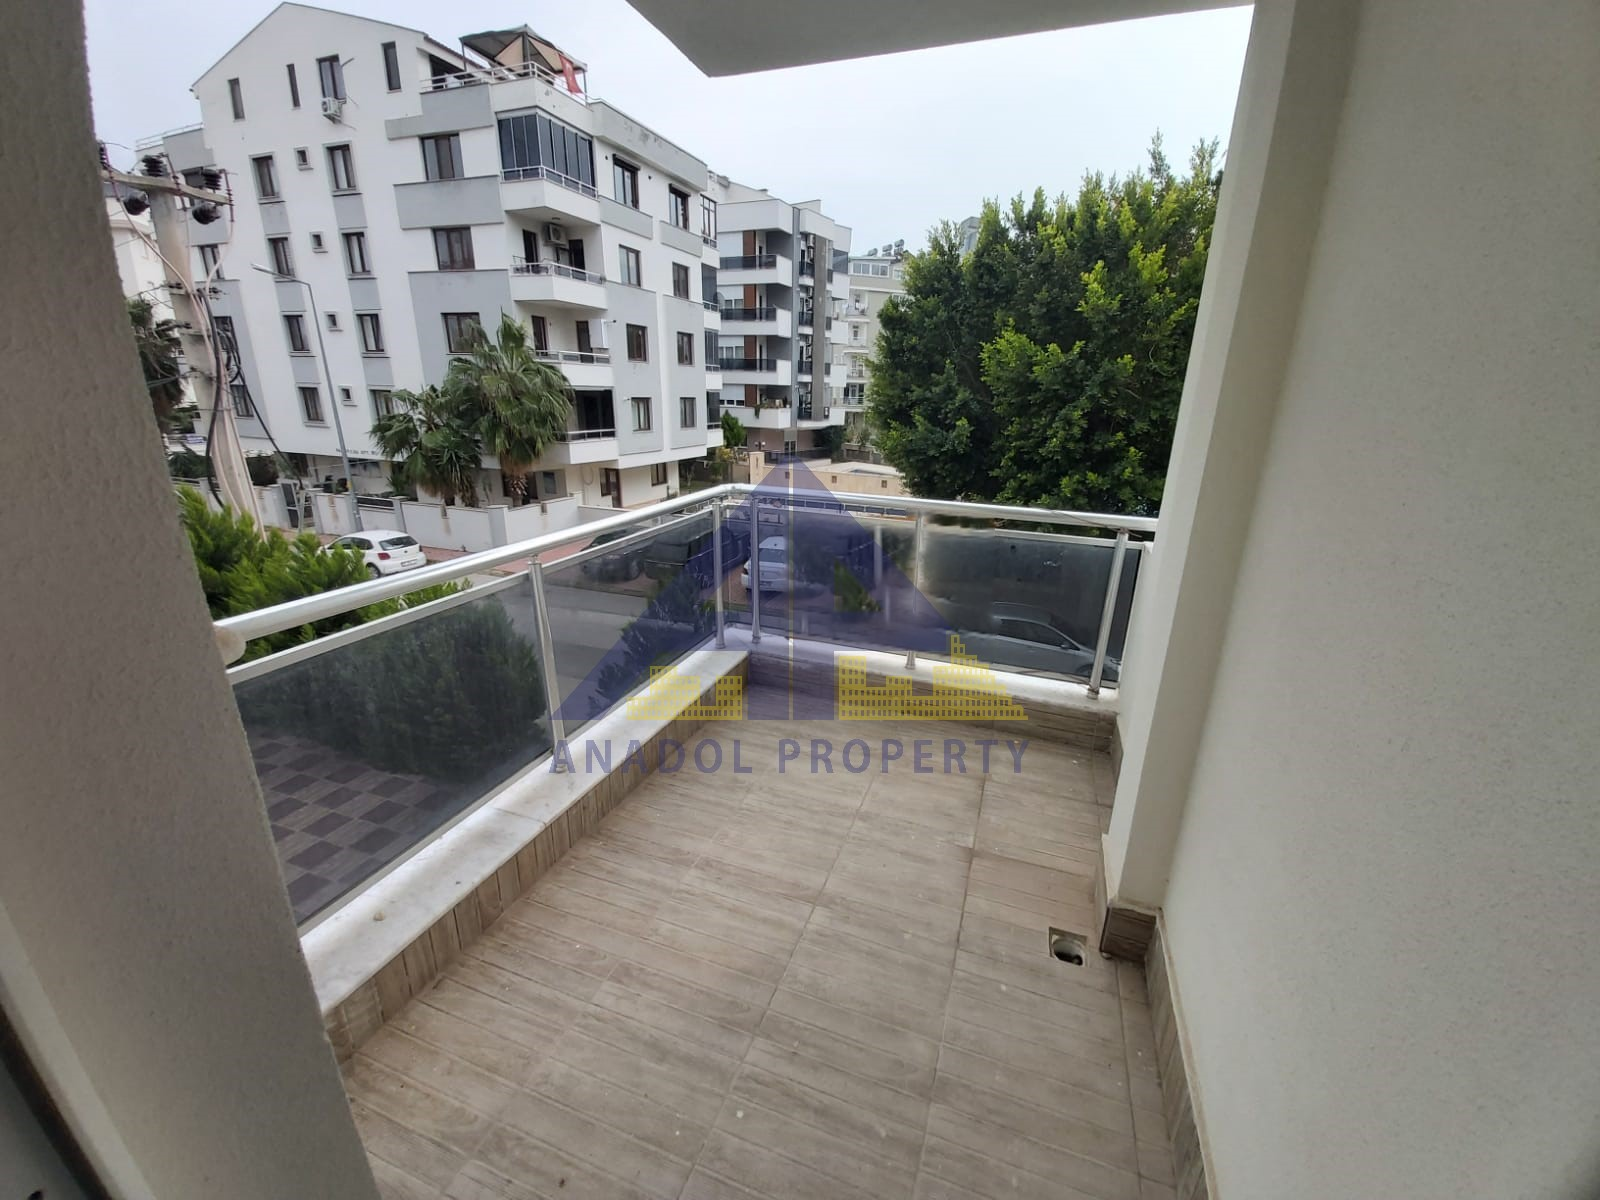 شقة جديدة للبيع في كونيالتي هورما